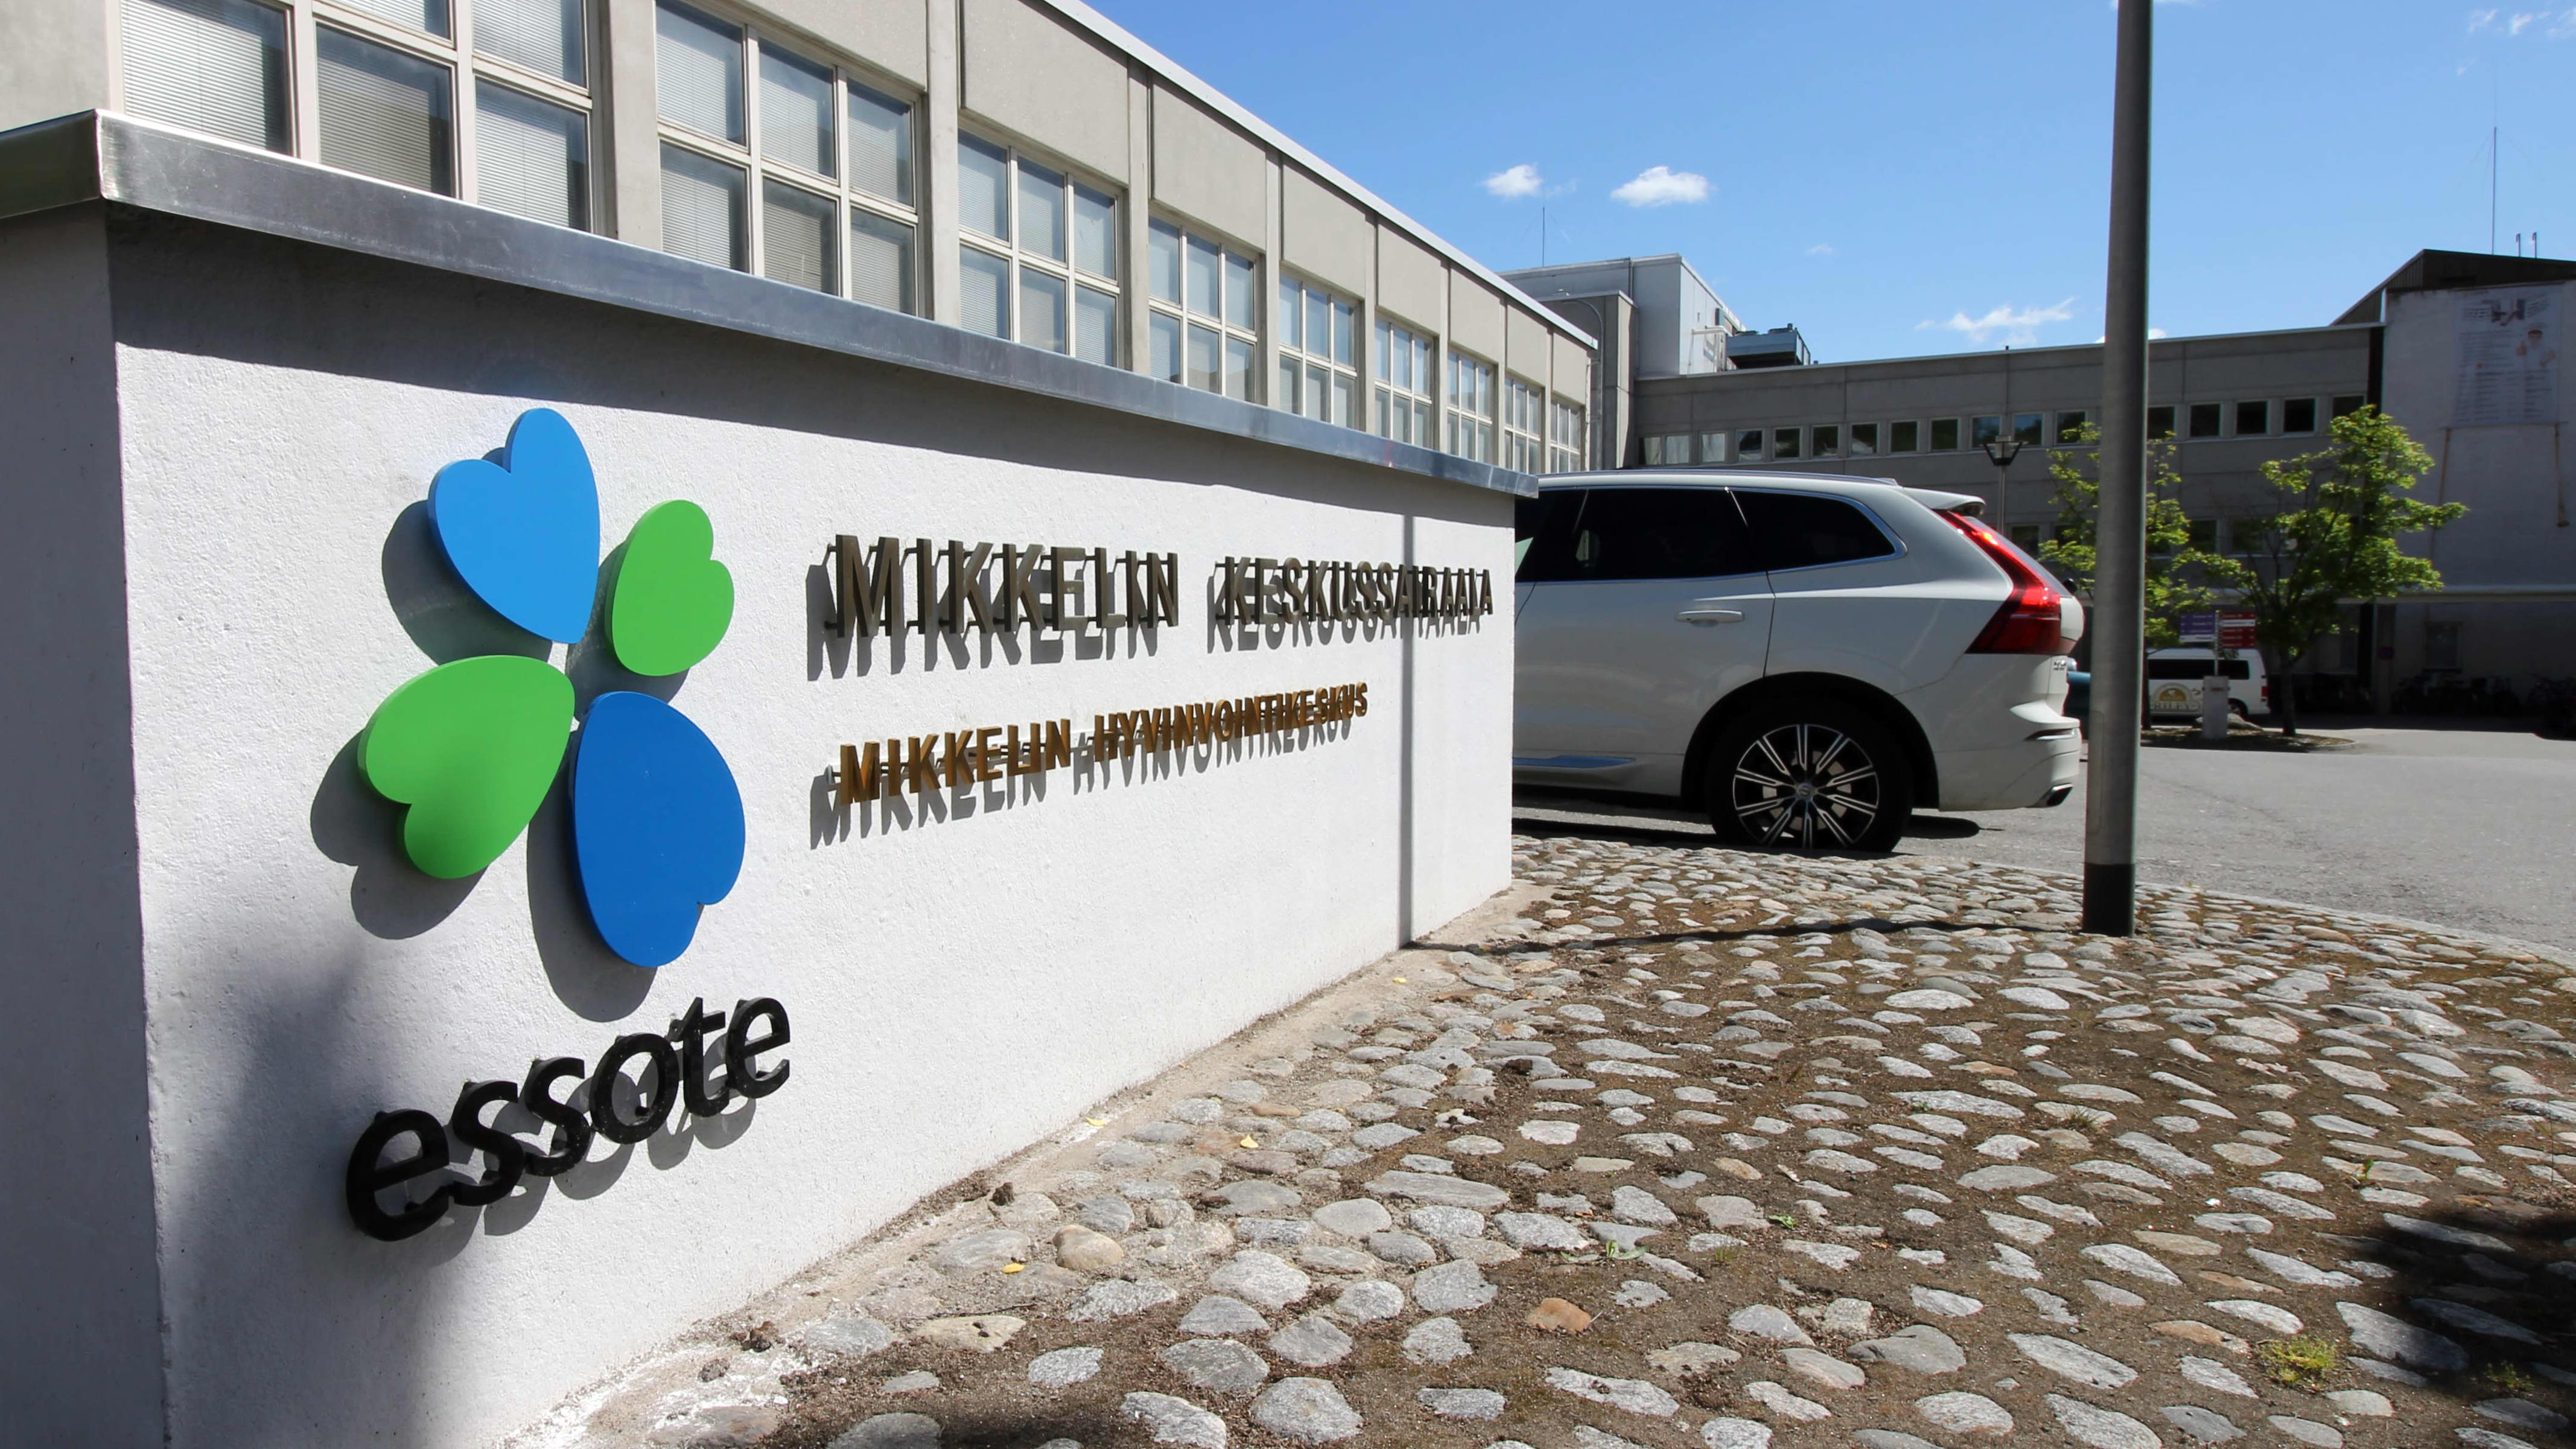 Mikkelin keskussairaalan kyltti sairaalan pihalla.